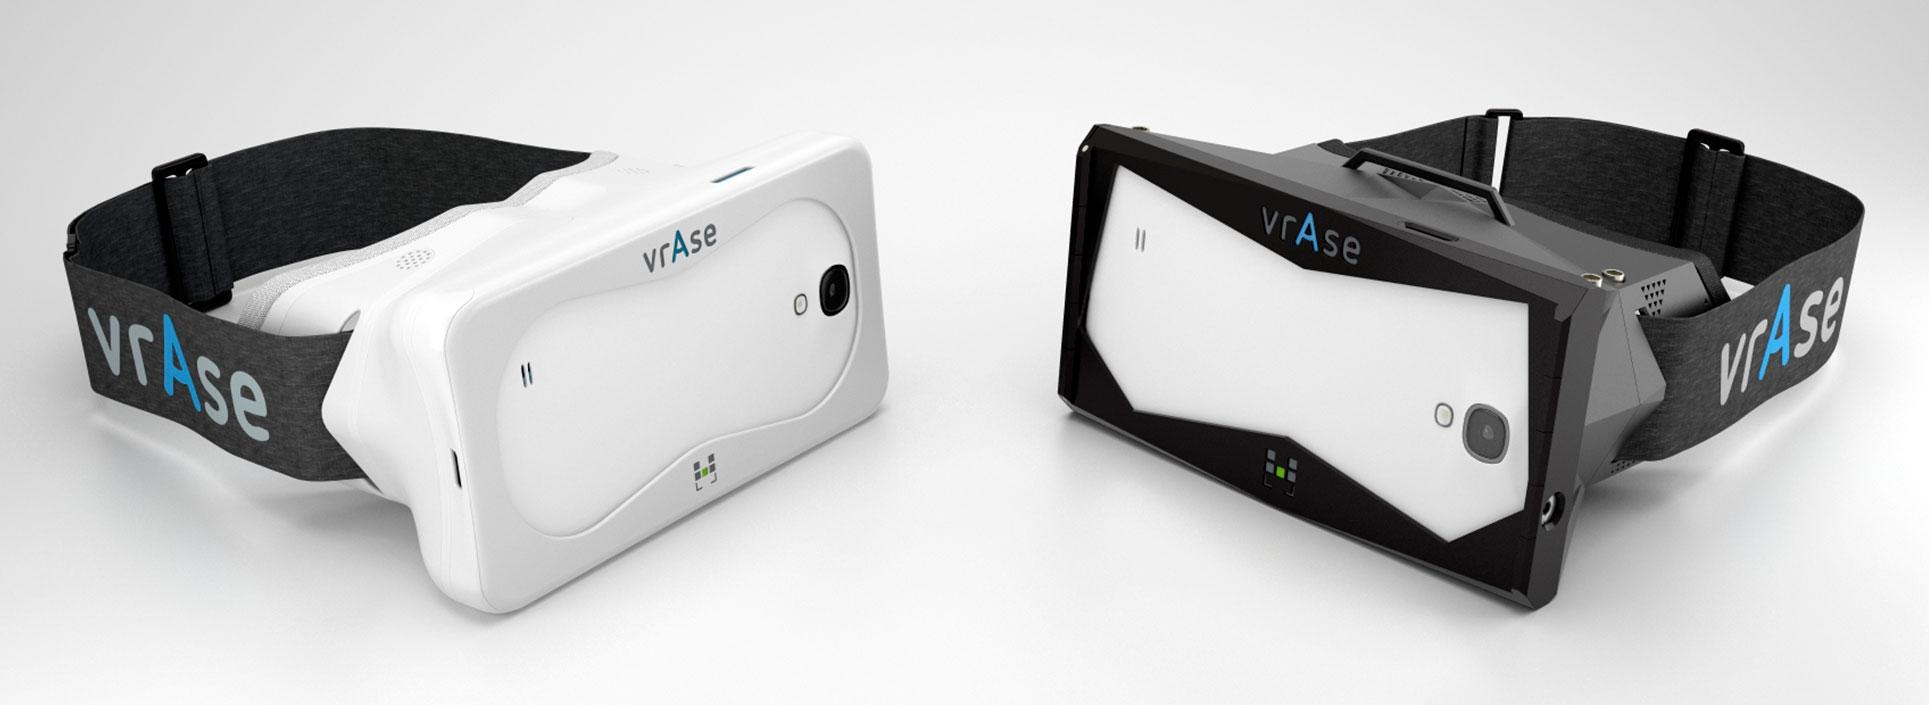 Ролики для 3d очков виртуальной реальности скачать светофильтр nd64 мавик эйр по акции